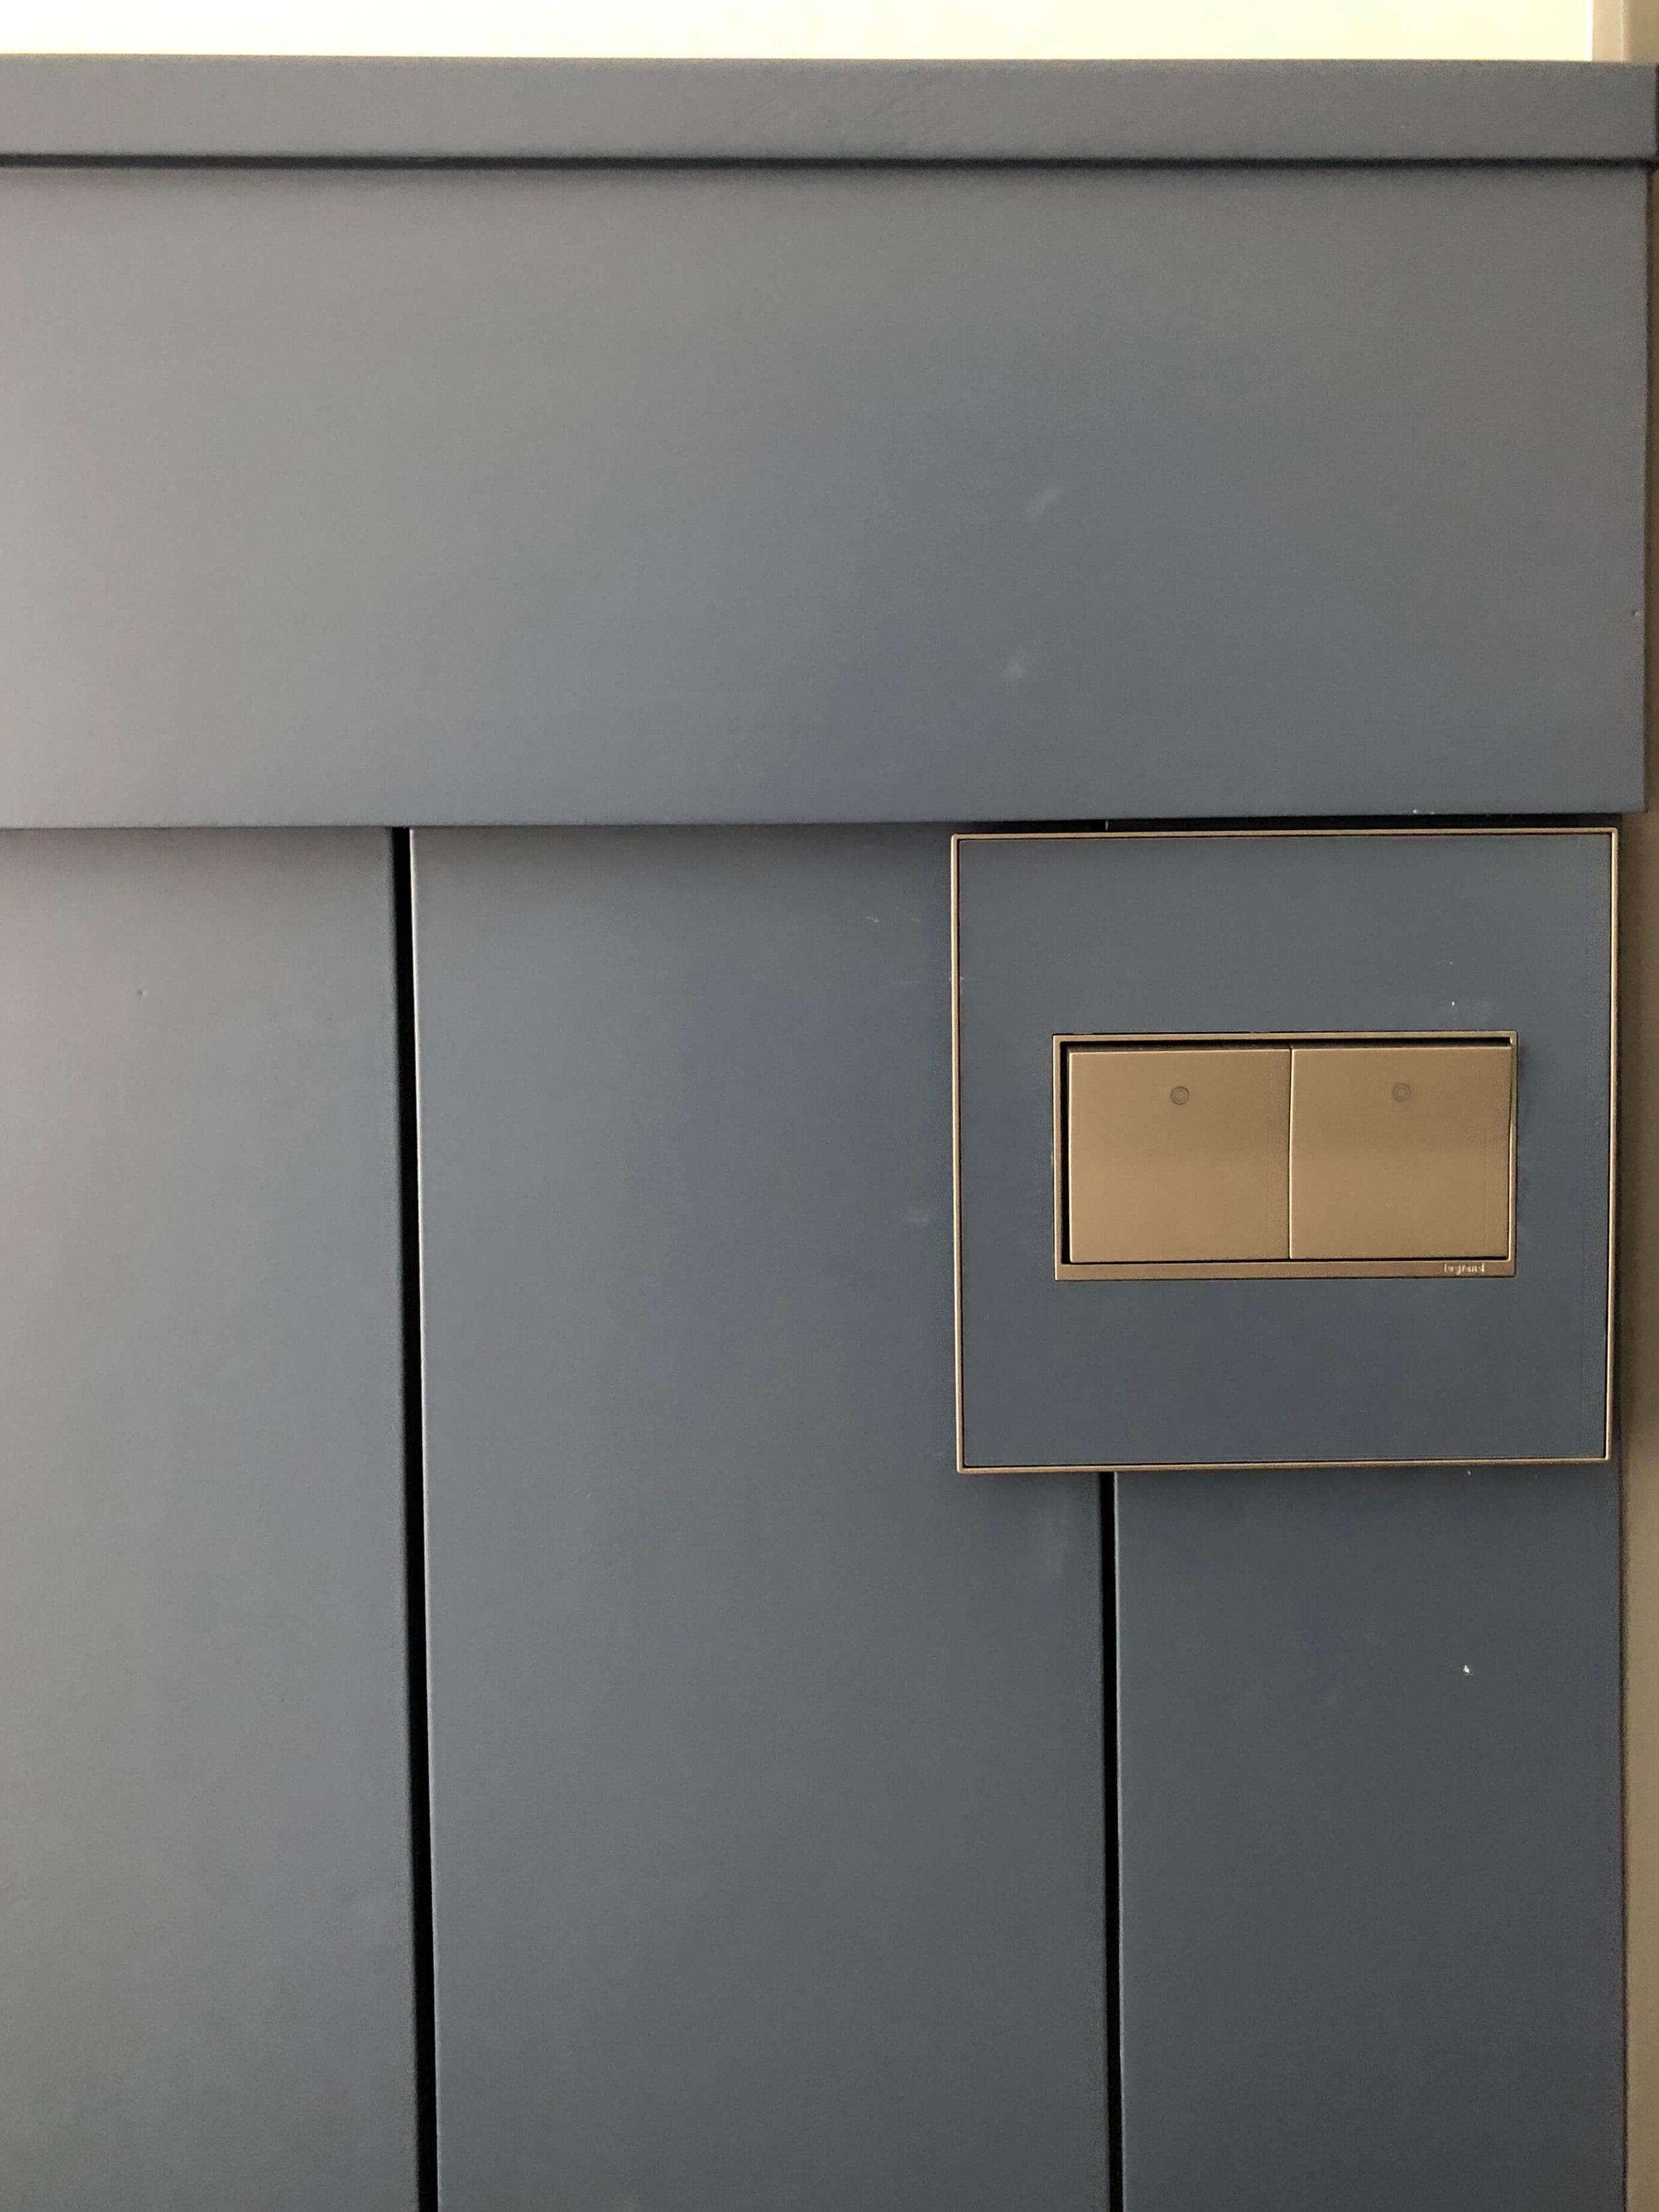 light switches on backsplashes